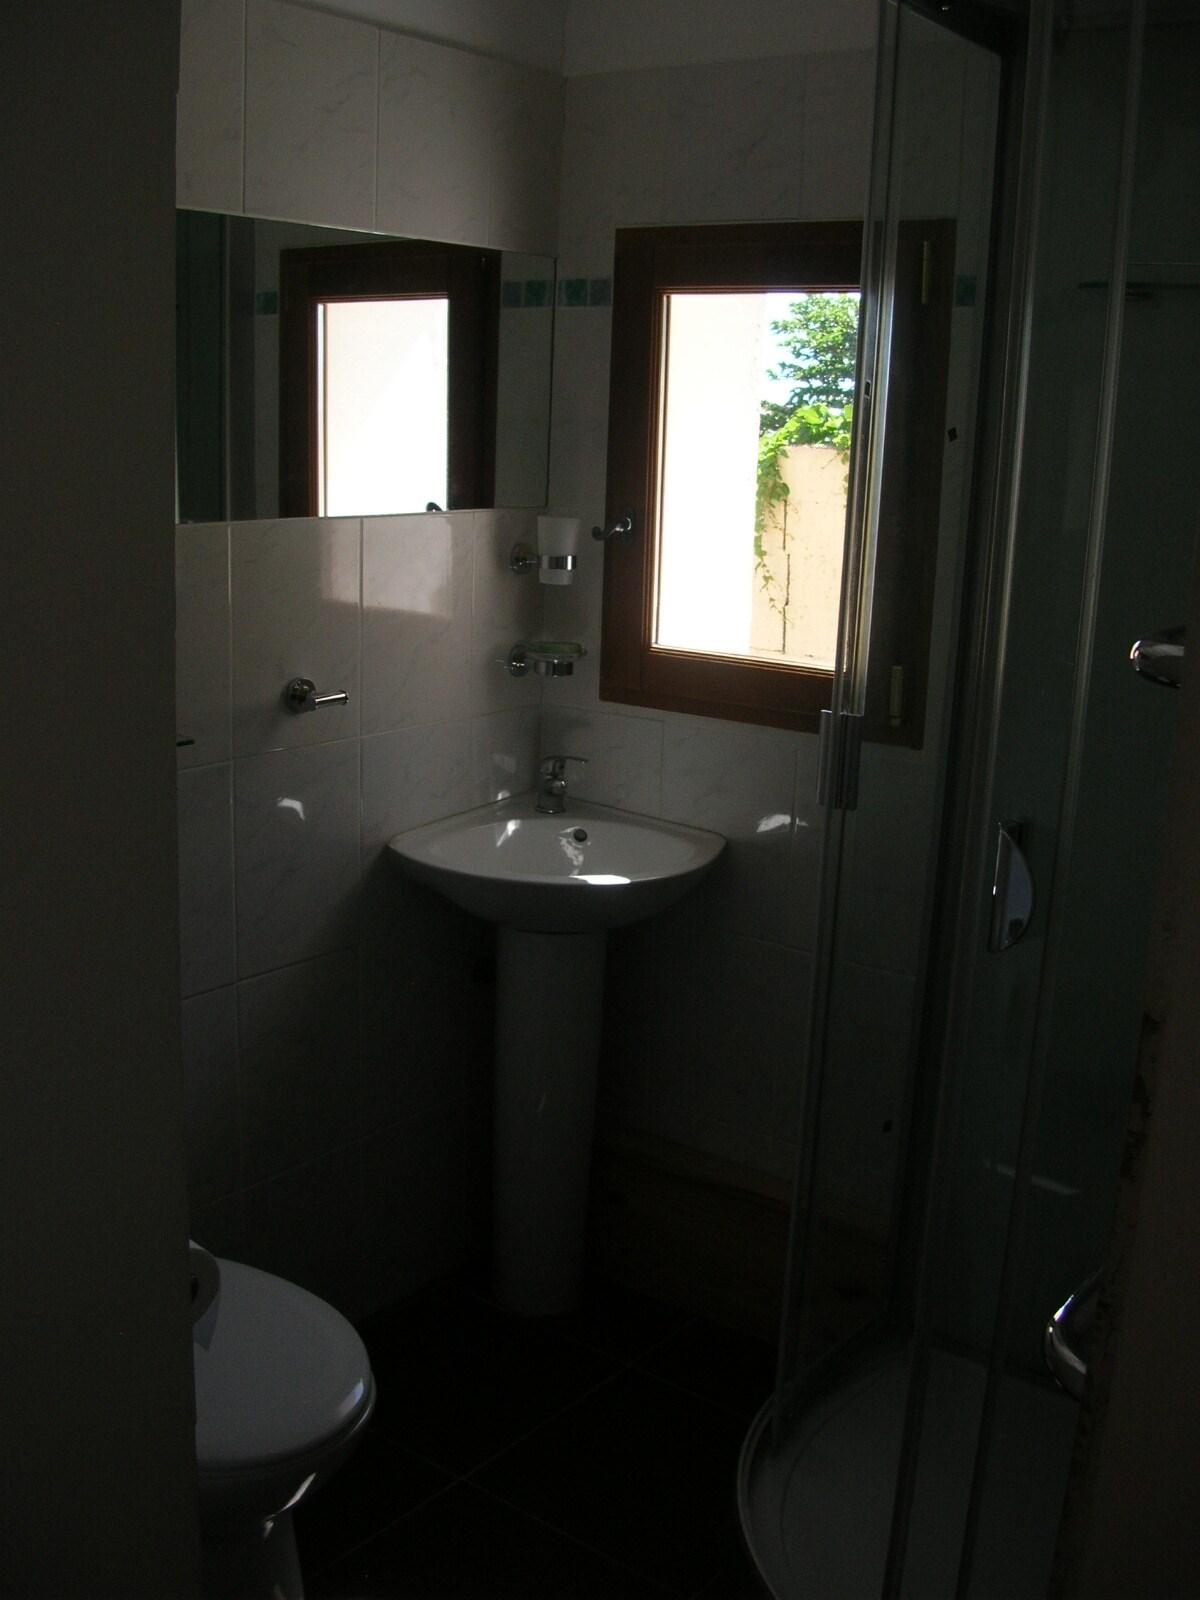 En-suite with tilt and turn window